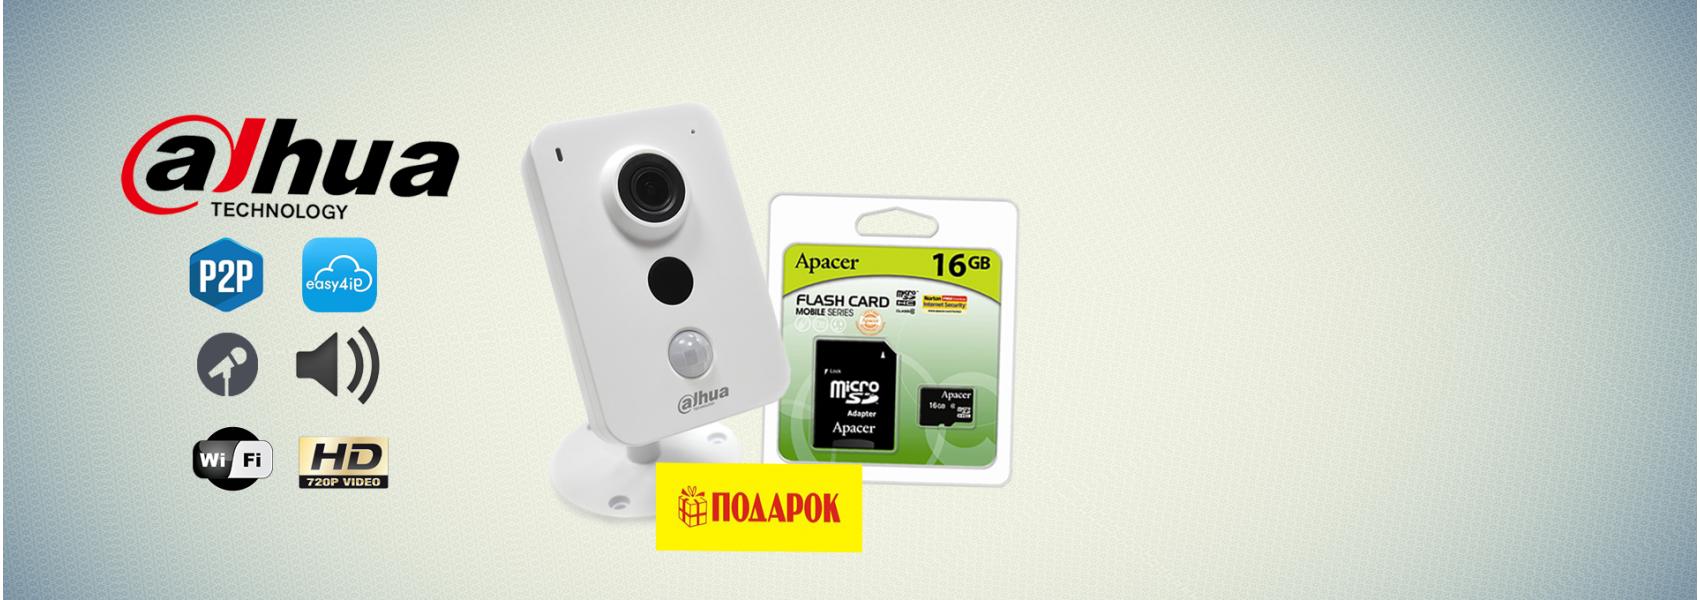 DAHUA K15 AP  +  MICRO SD 16GB в ПОДАРОК  = 5.500 рублей